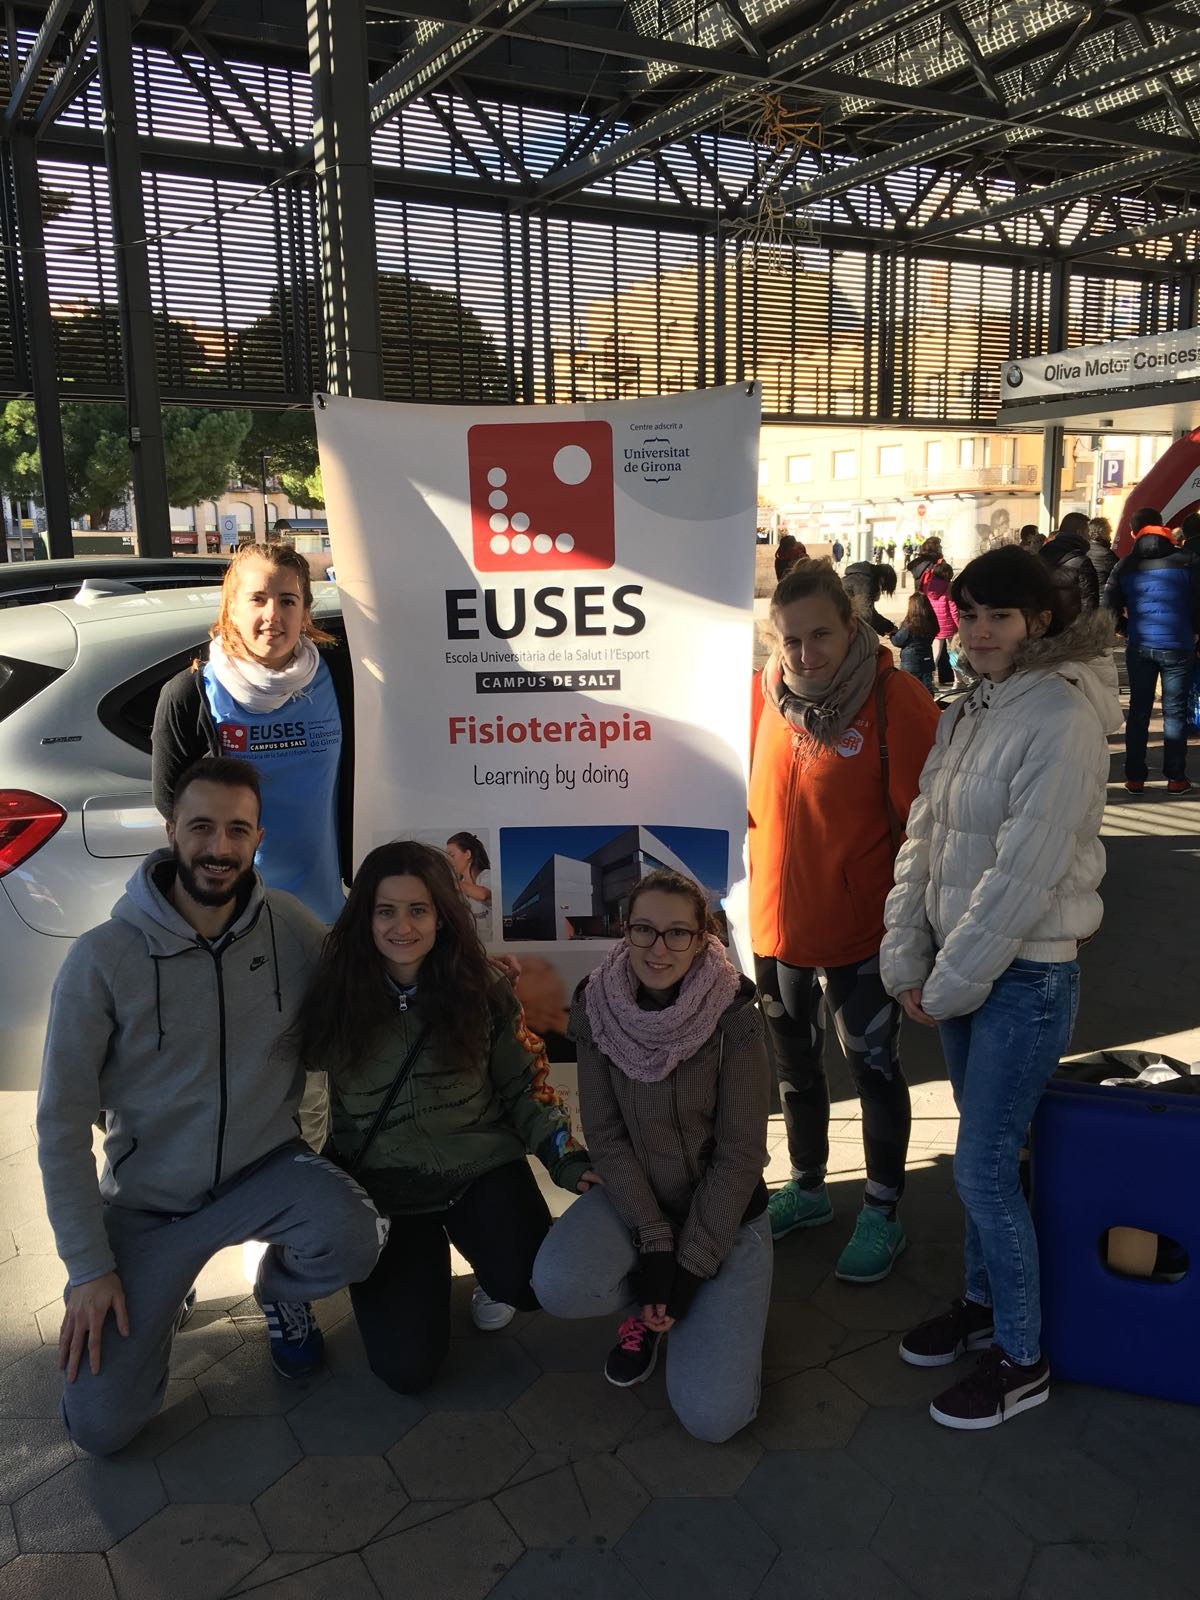 L'Escola Universitària de la Salut i l'Esport col·labora en la primera edició de la Mitja Marató de Figueres amb la recuperació muscular dels participants